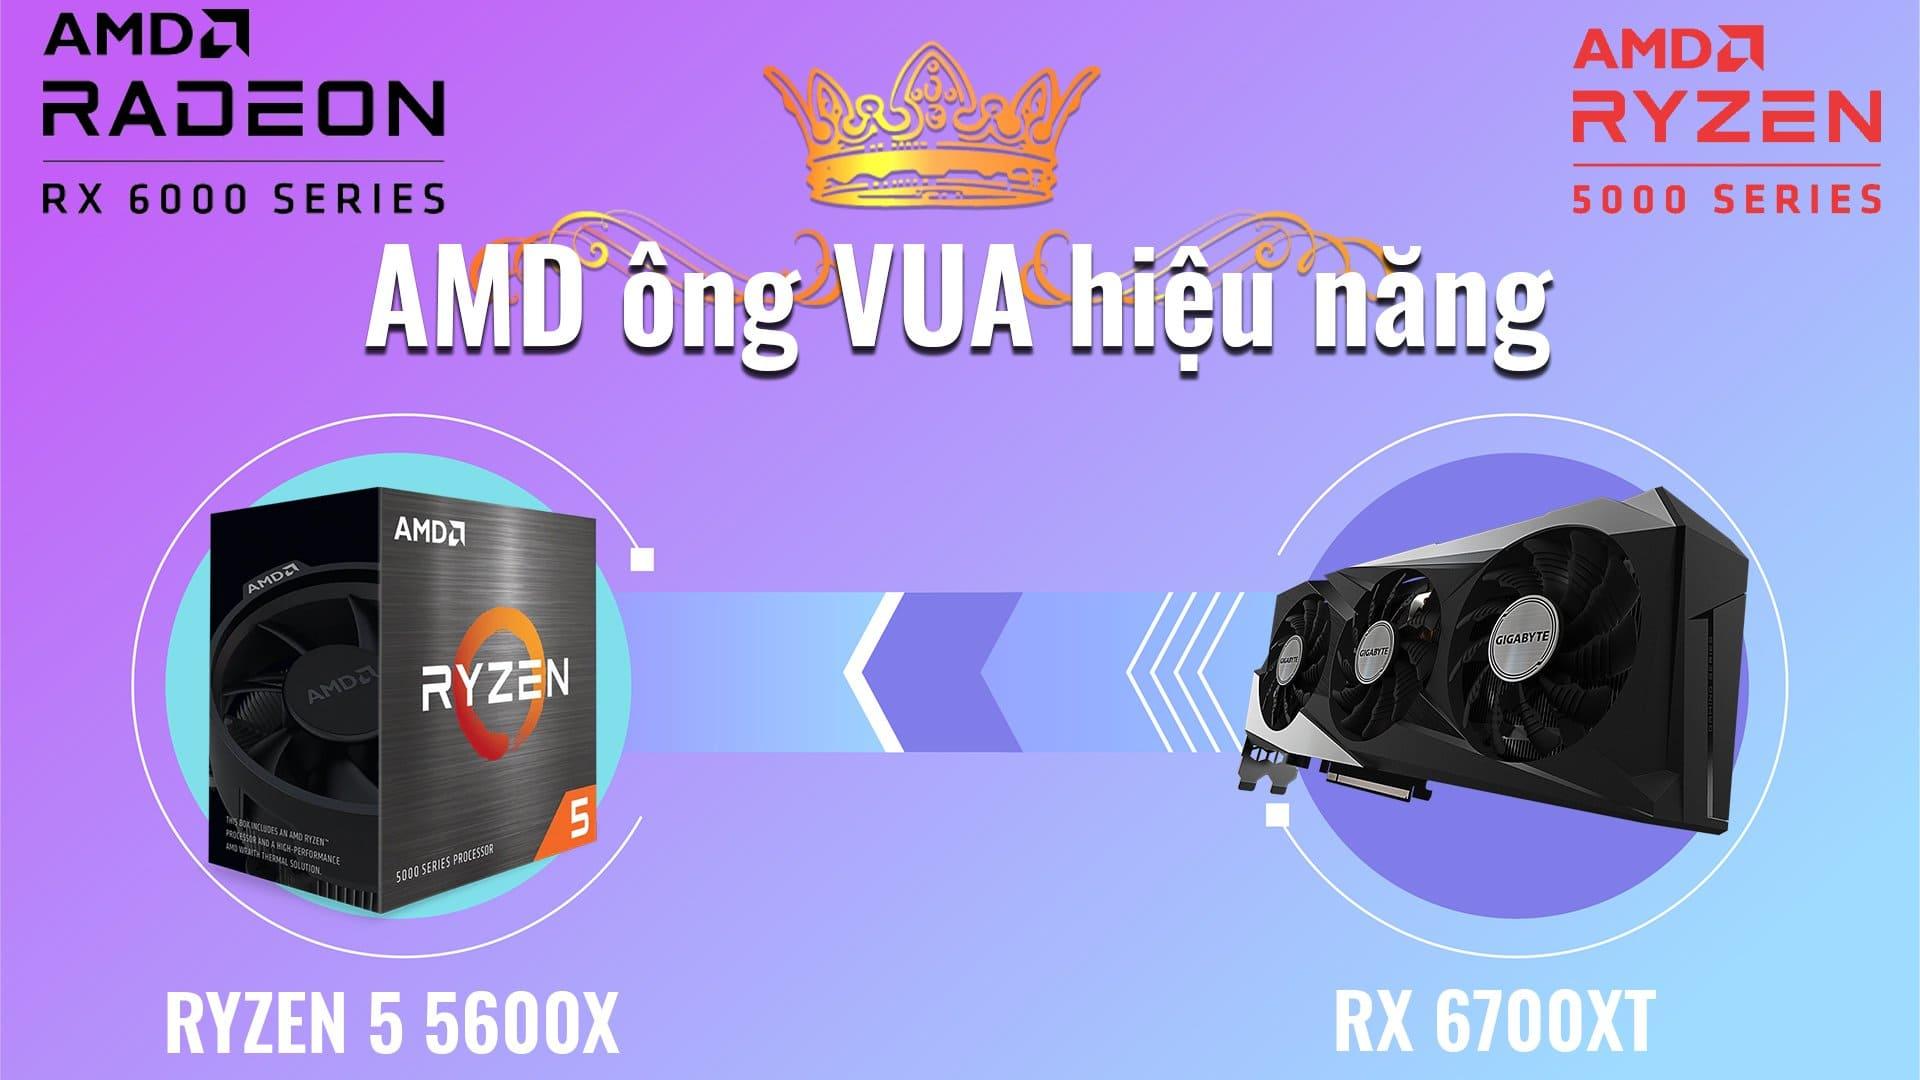 Đánh giá AMD Ryzen 5 5600X và Radeon RX 6700 XT - Bộ đôi ấn tượng cho cấu hình chơi game hiệu năng cao và giá thành hấp dẫn